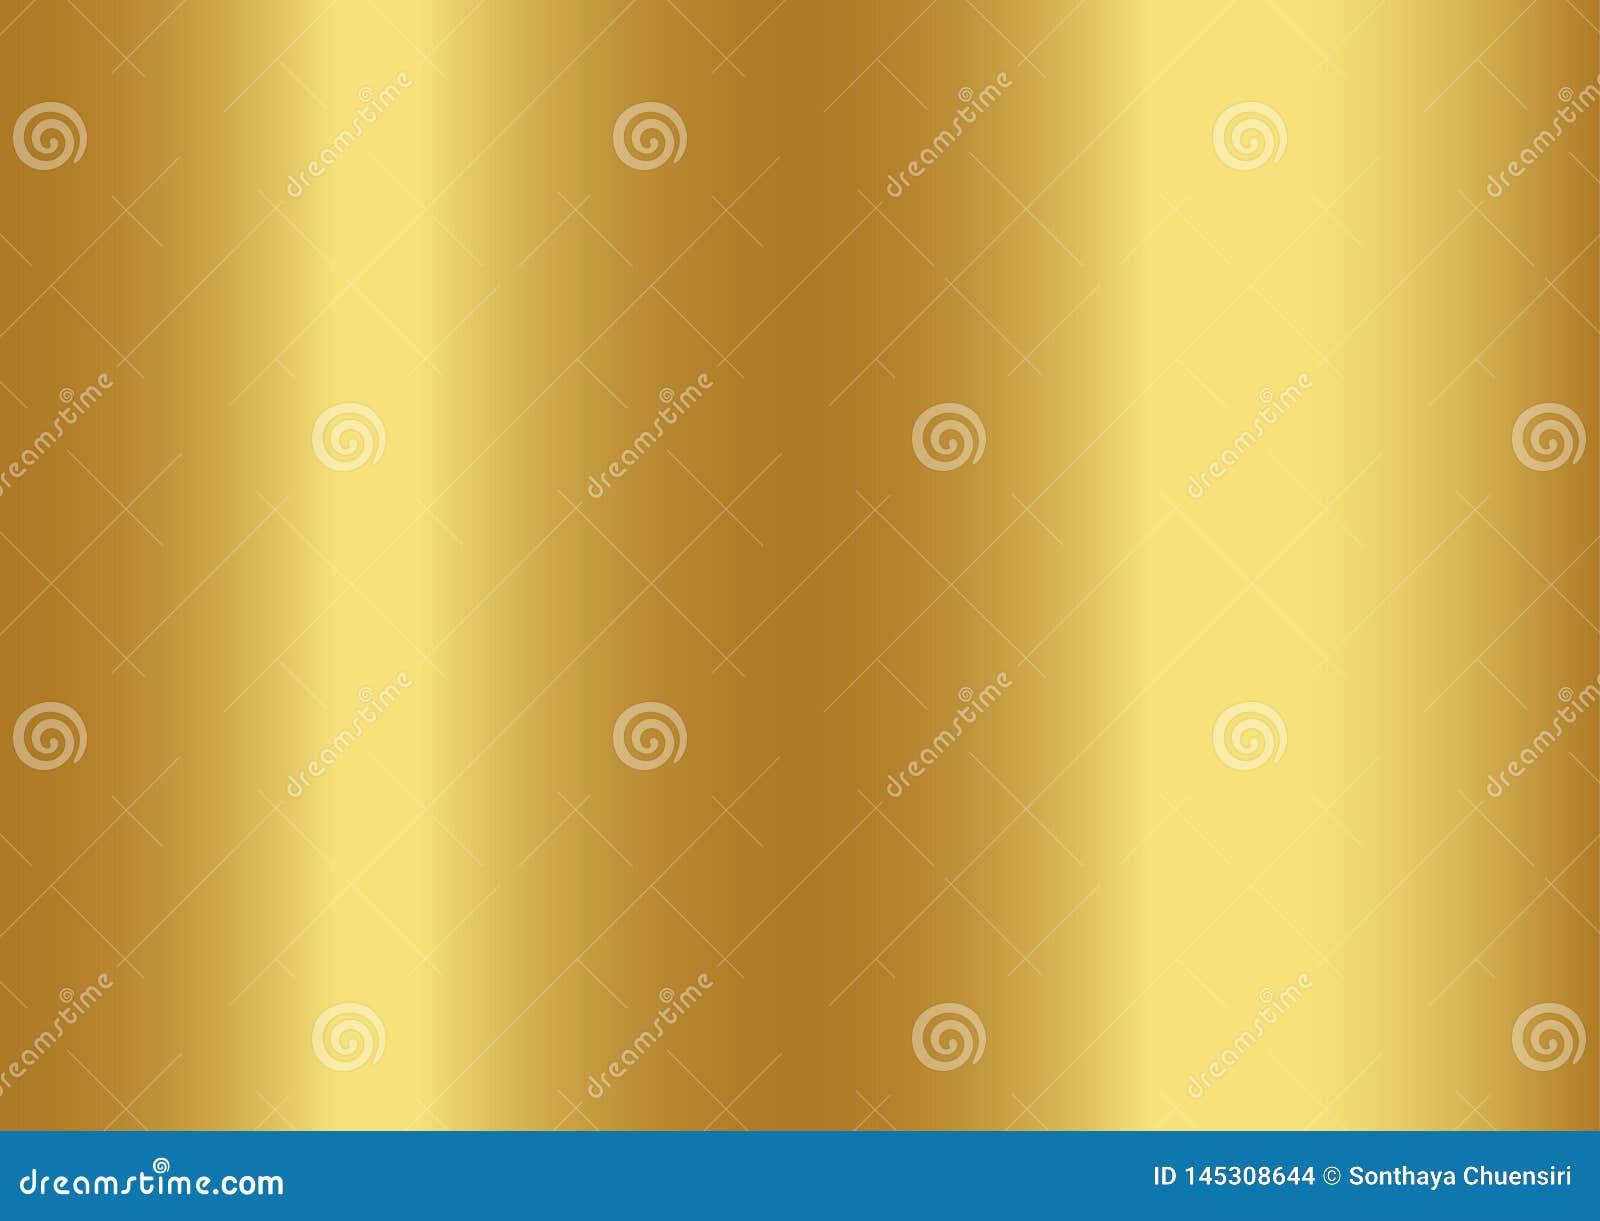 Złocistego koloru abstrakcjonistyczny tło, wektorowe ilustracje